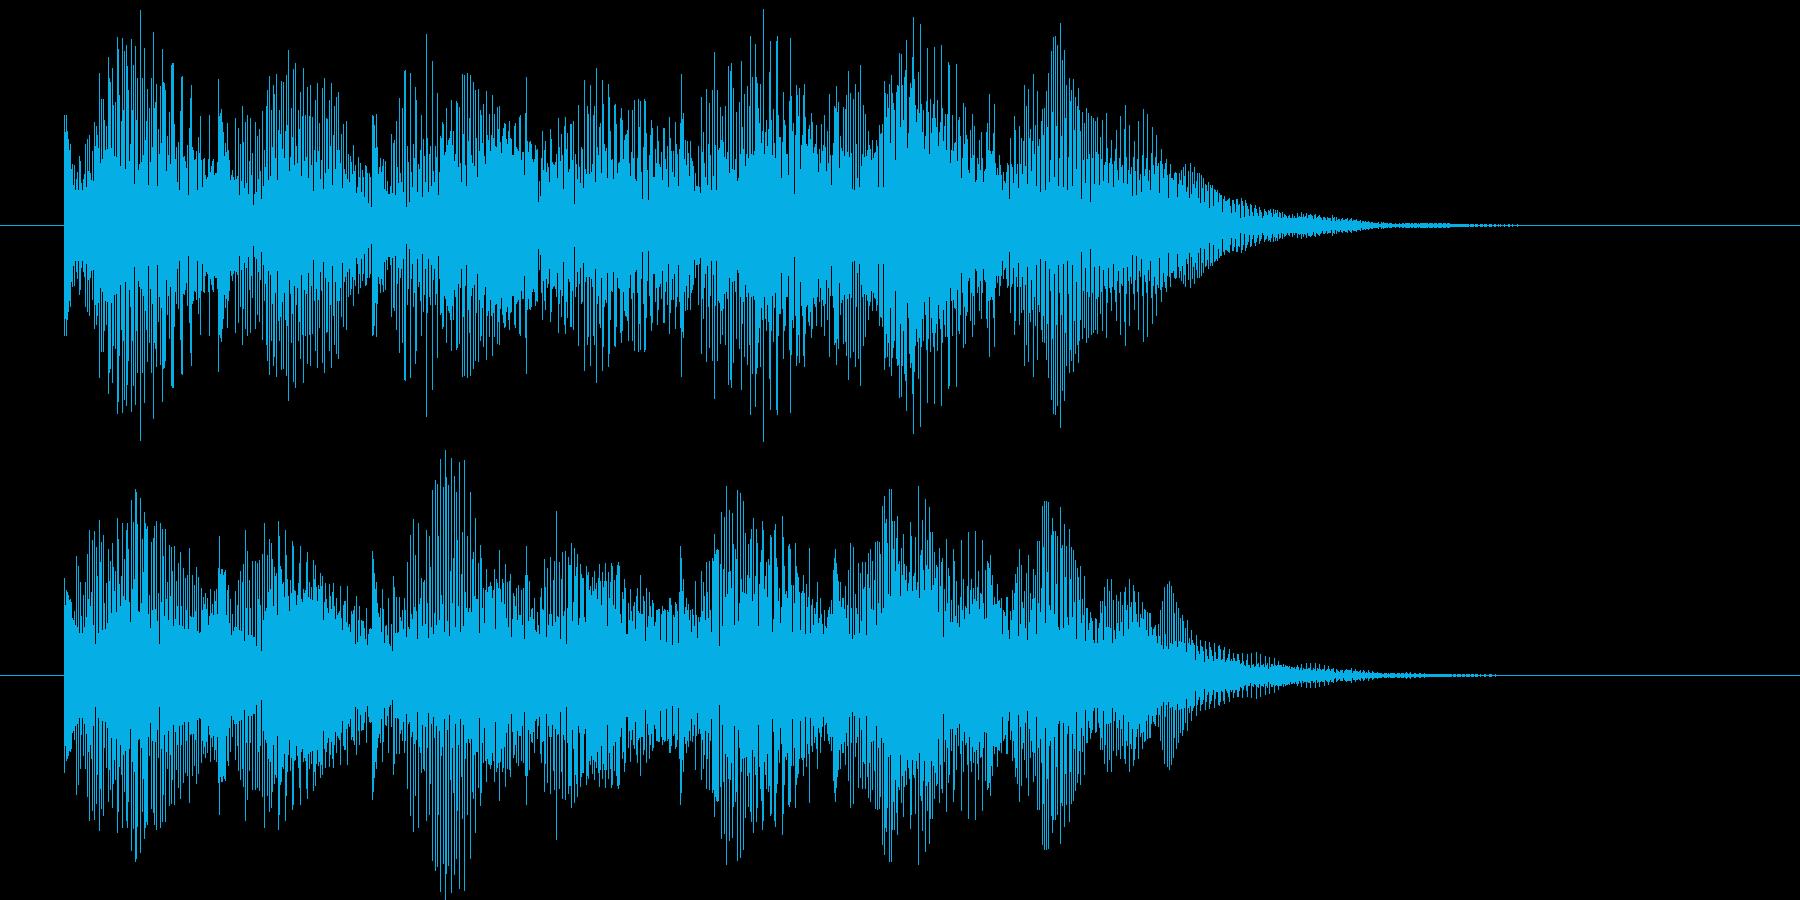 アイテム獲得、レベルアップのジングルの再生済みの波形